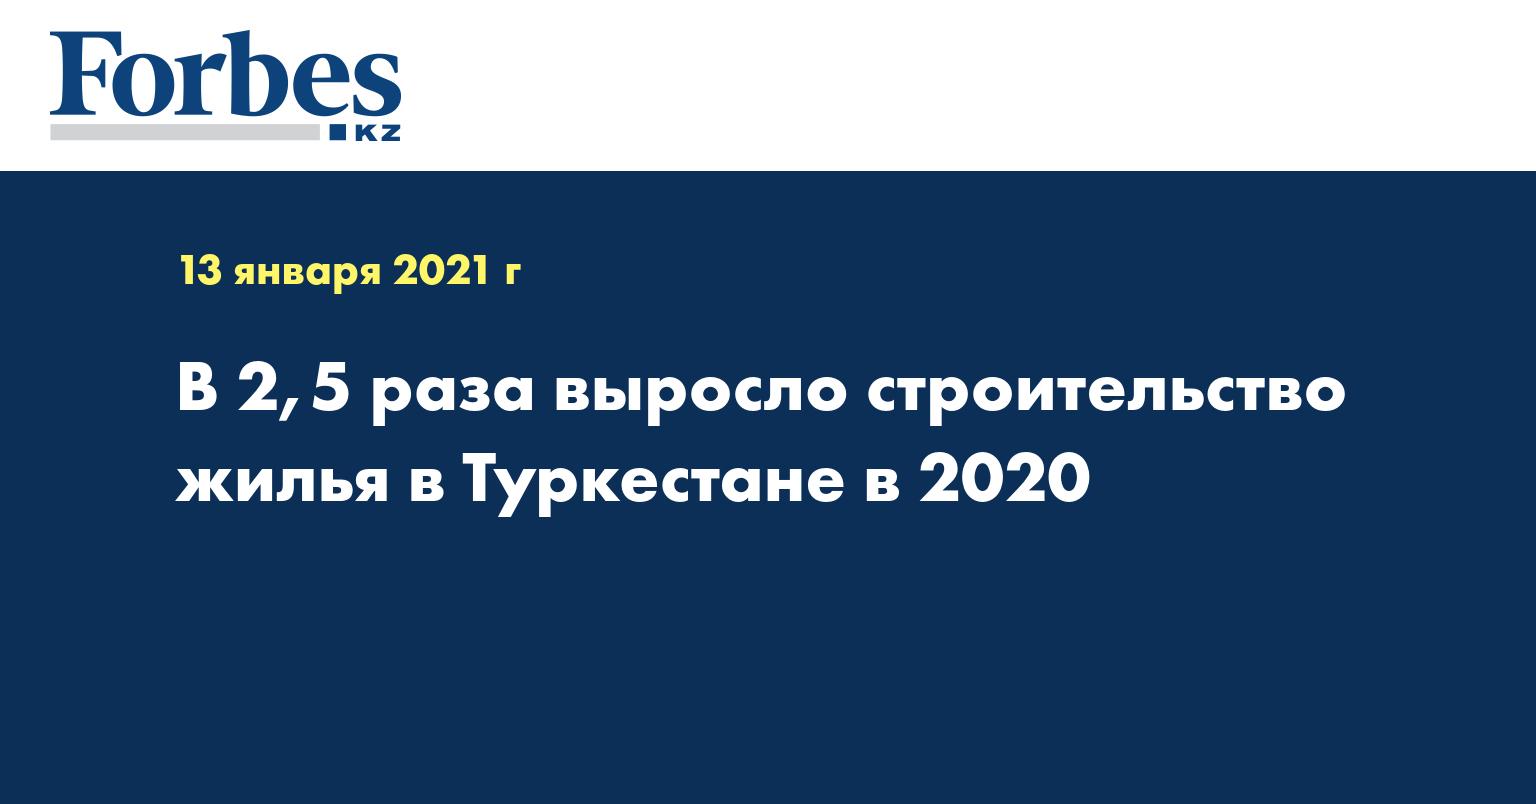 В 2,5  раза выросло строительство жилья в Туркестане в 2020